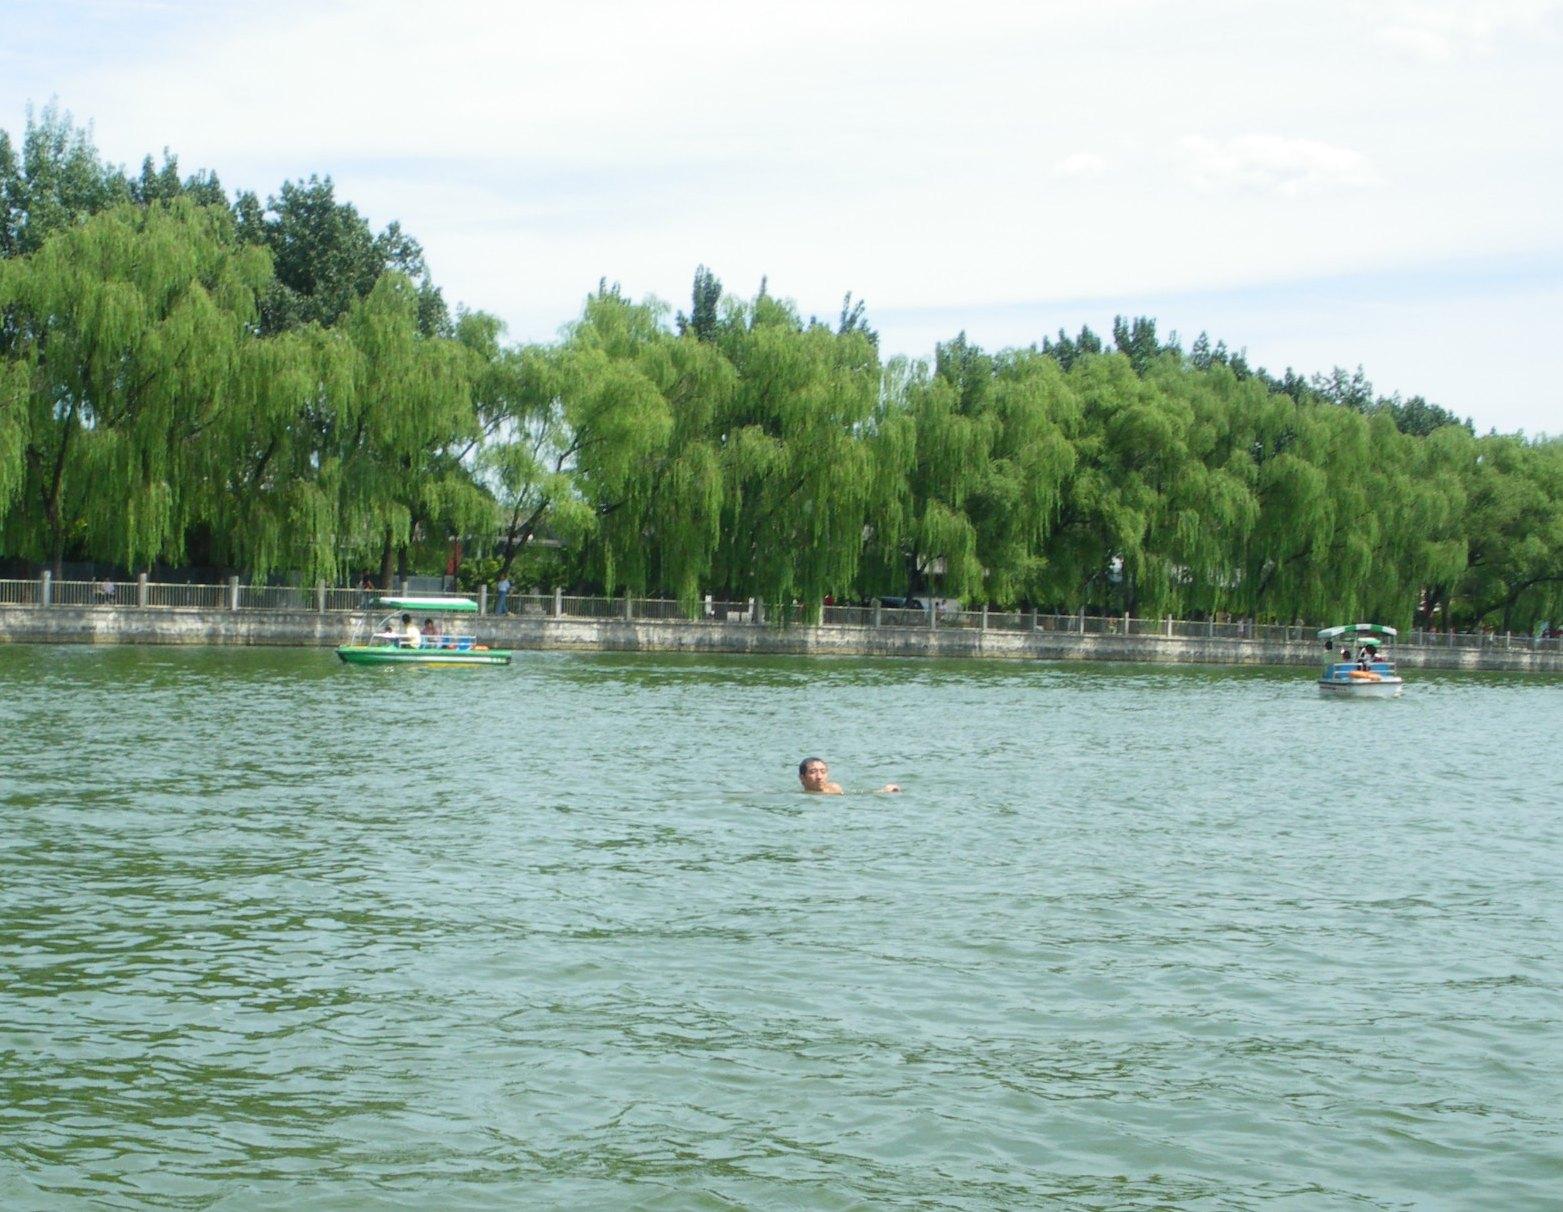 Beijing Lake in Beijing's Houhai Lake